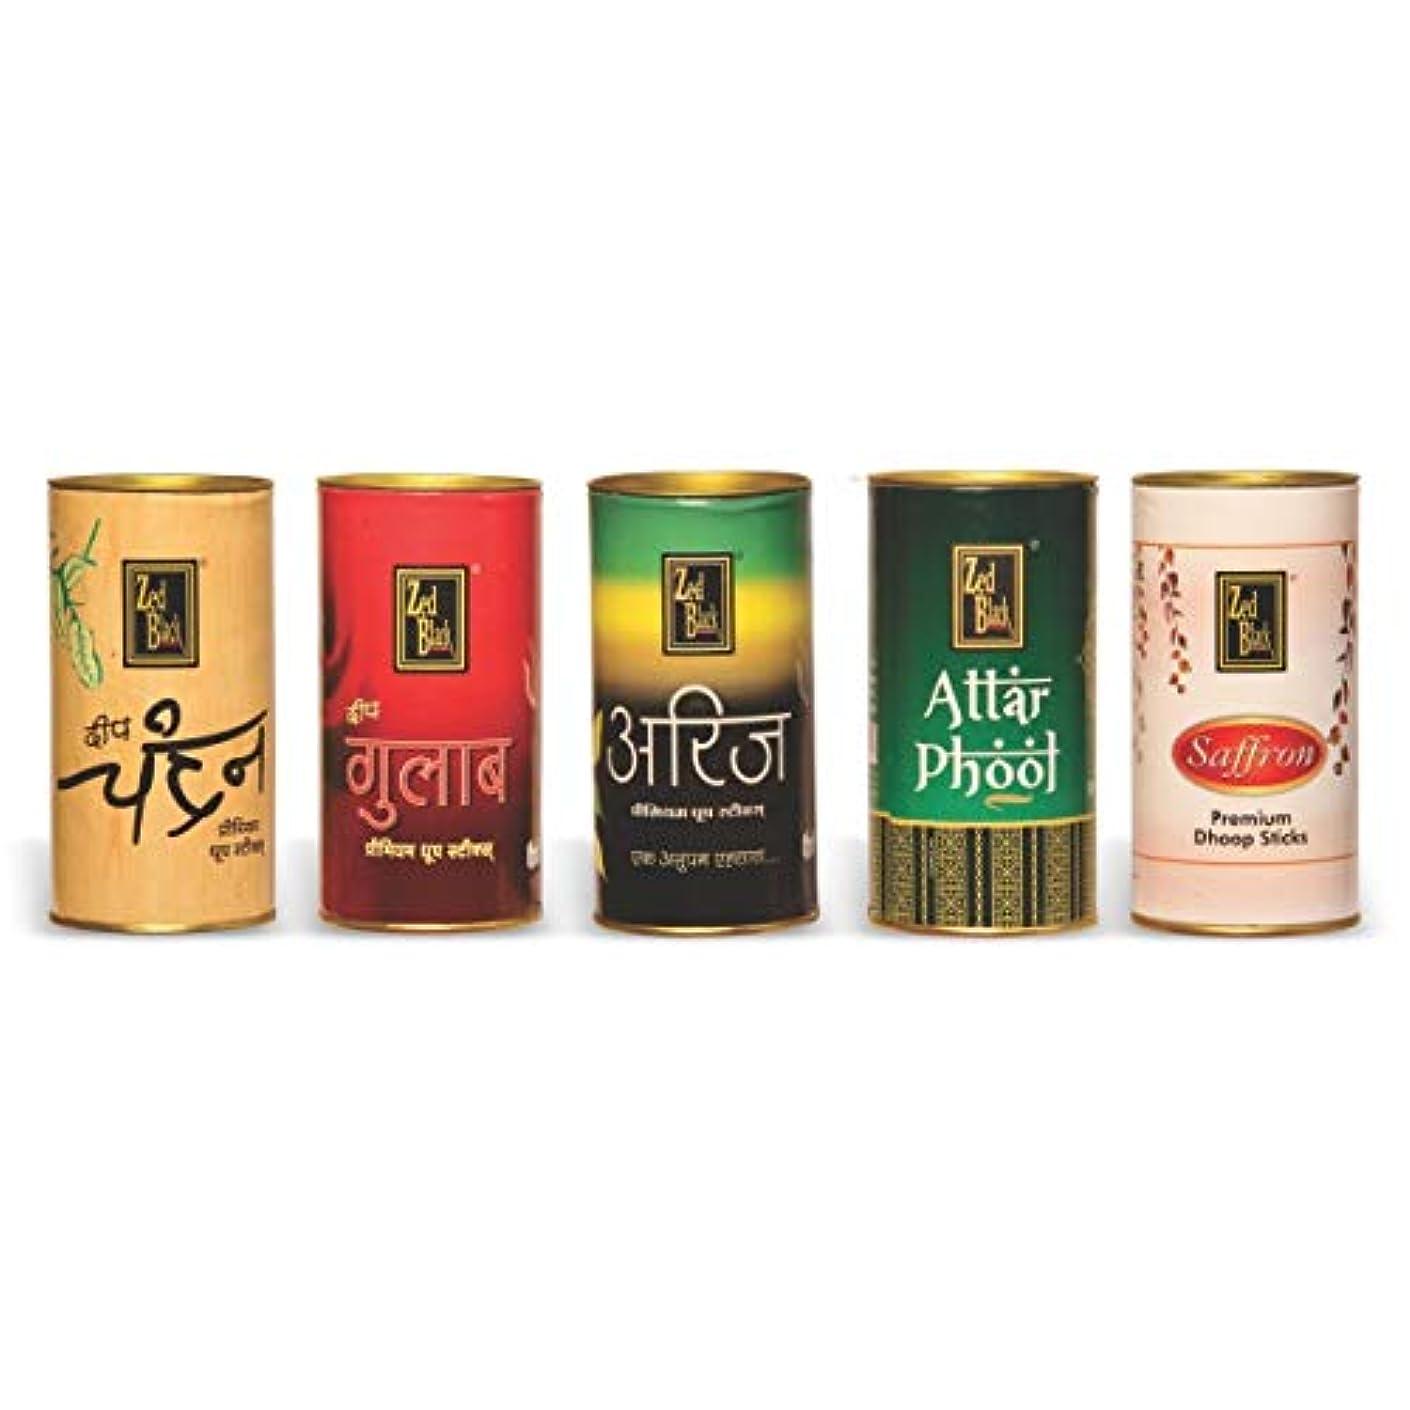 スラム街授業料マーティフィールディングZed Black Natural Deep-Chandan, Deep-Gulab, Arij, Attar Phool and Saffron Incense Dhoop Sticks Tin - Combo of 5(45 Pieces Each)